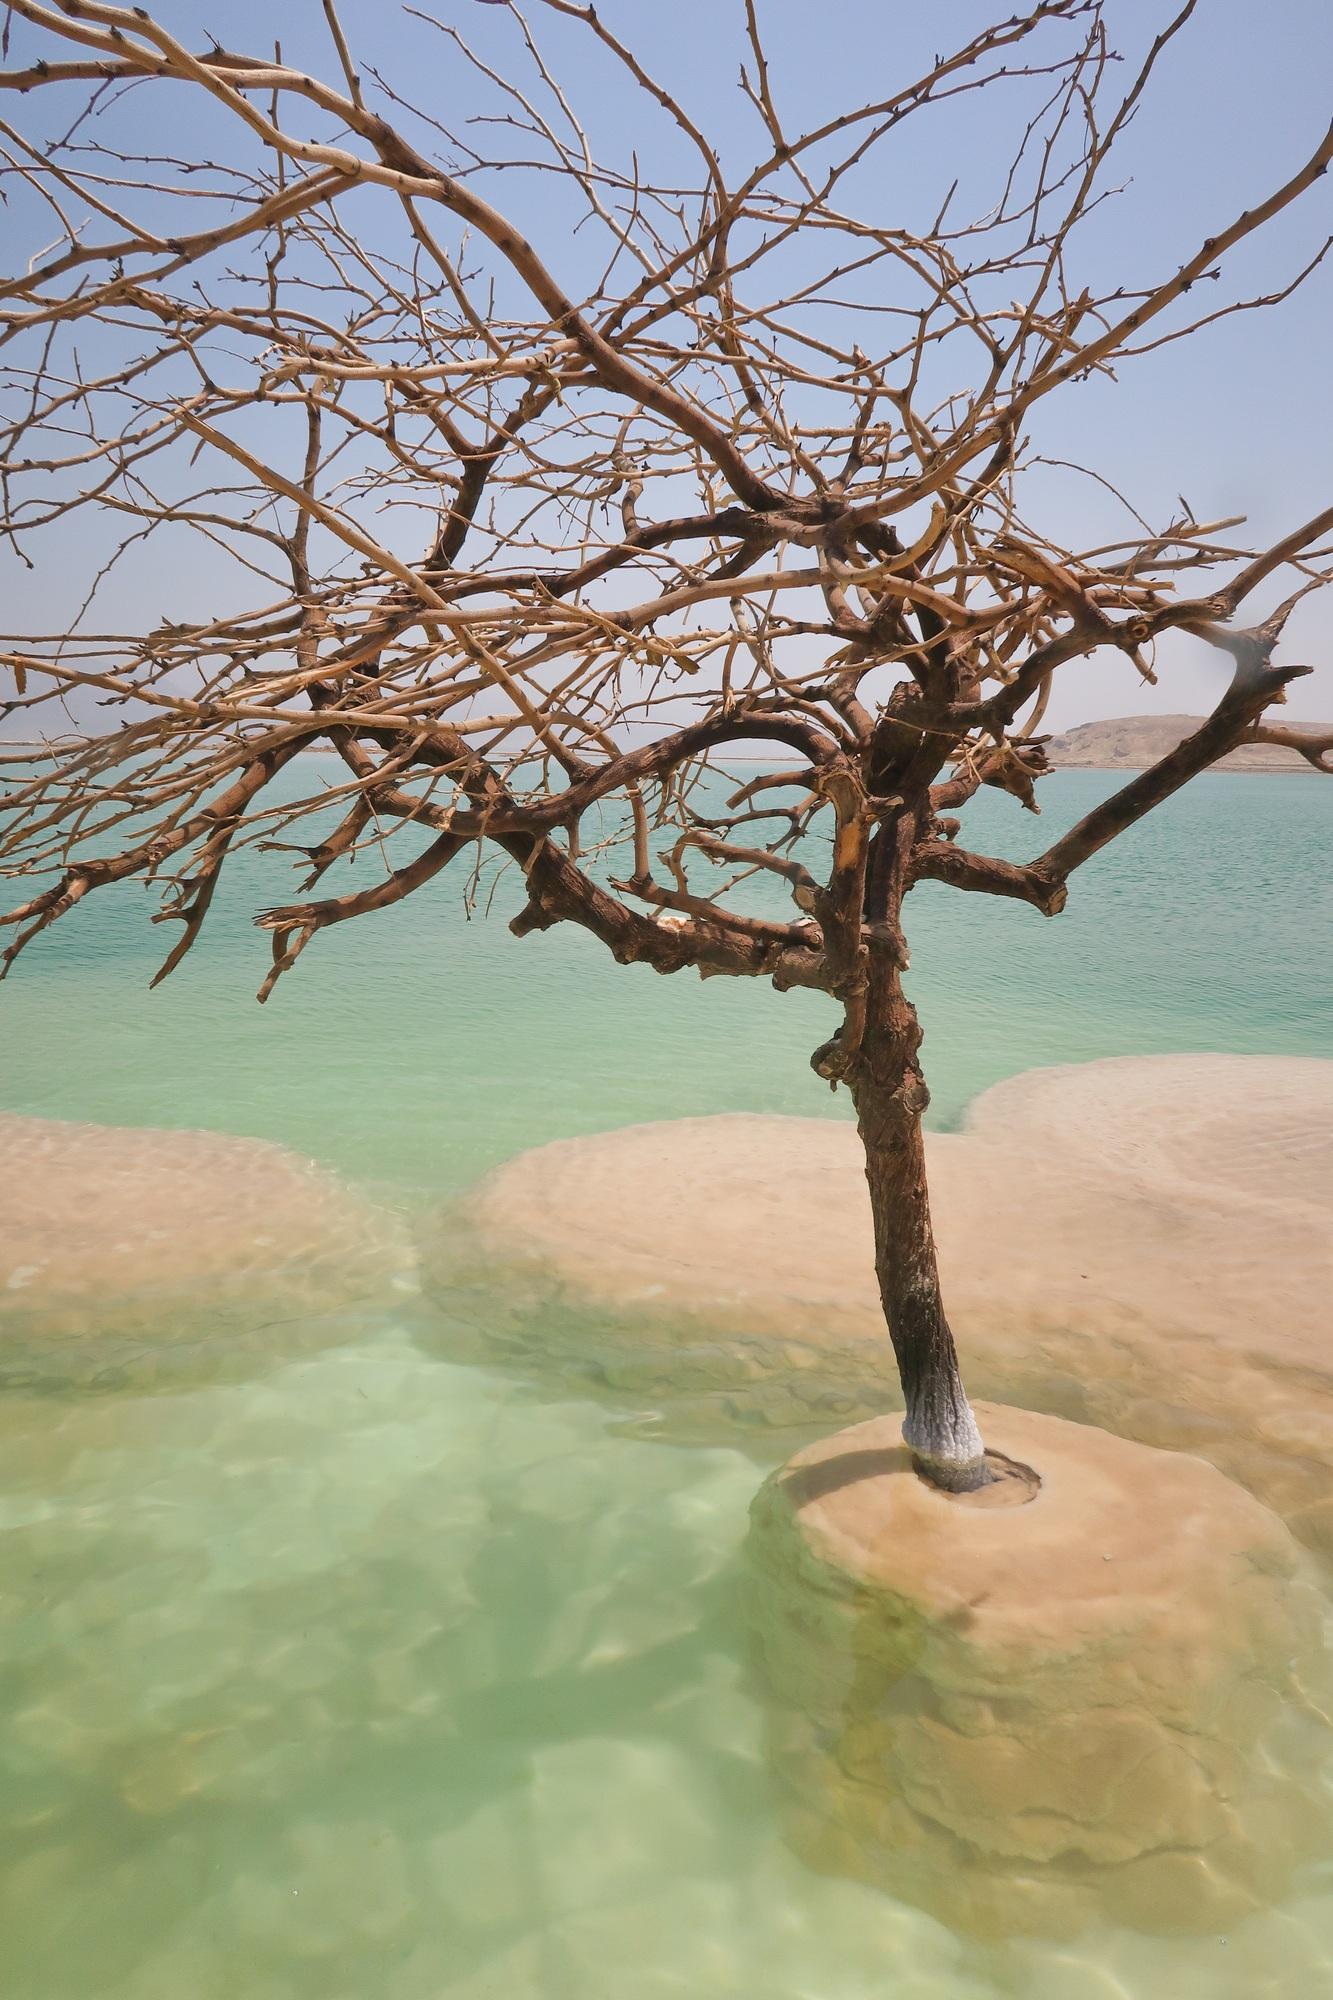 The Dead Sea Tree in Israel